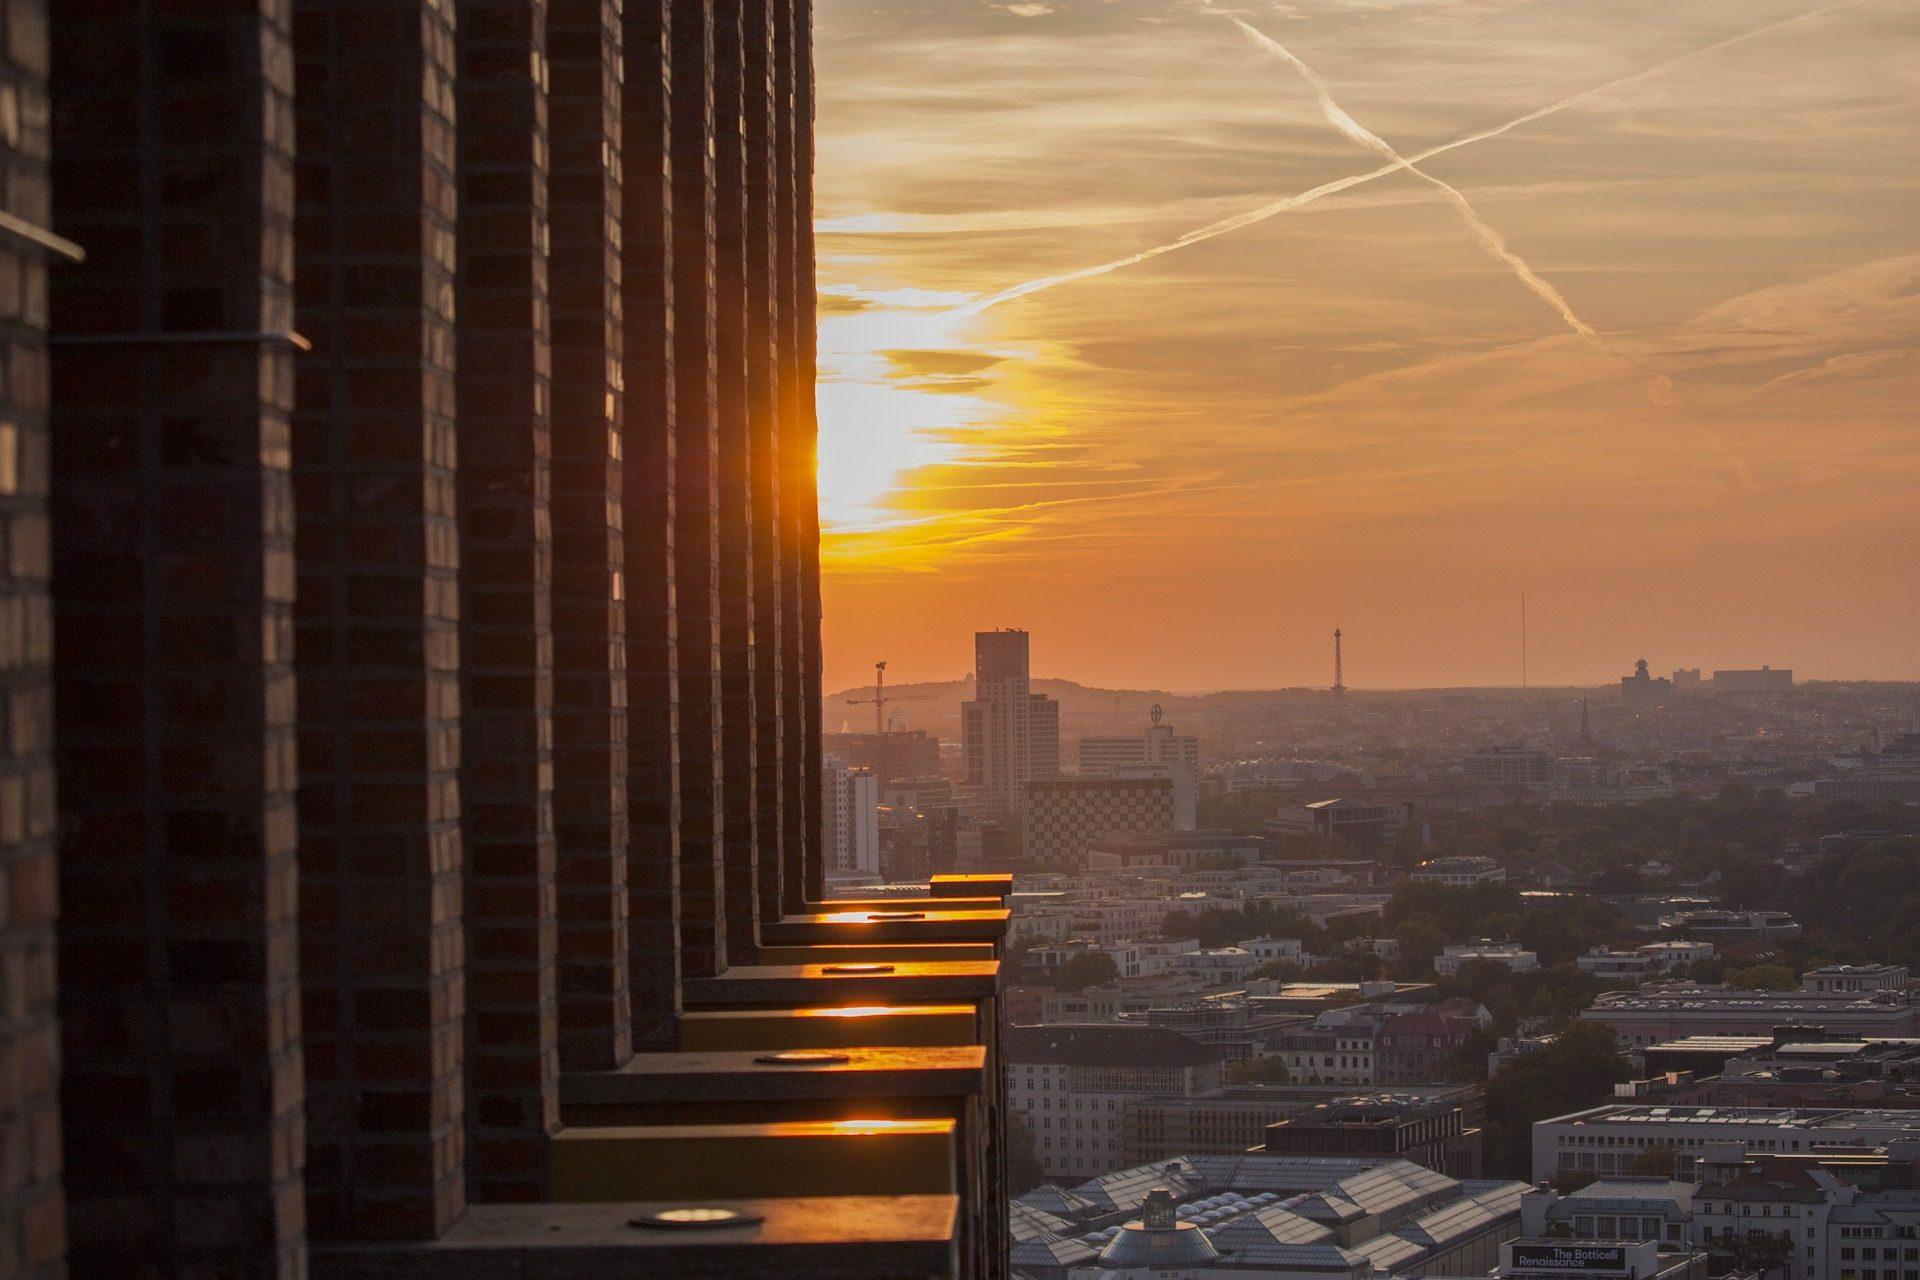 Tramonto, Città, edifici, raggi, luce, Sole, Stele - Sfondi HD - Professor-falken.com